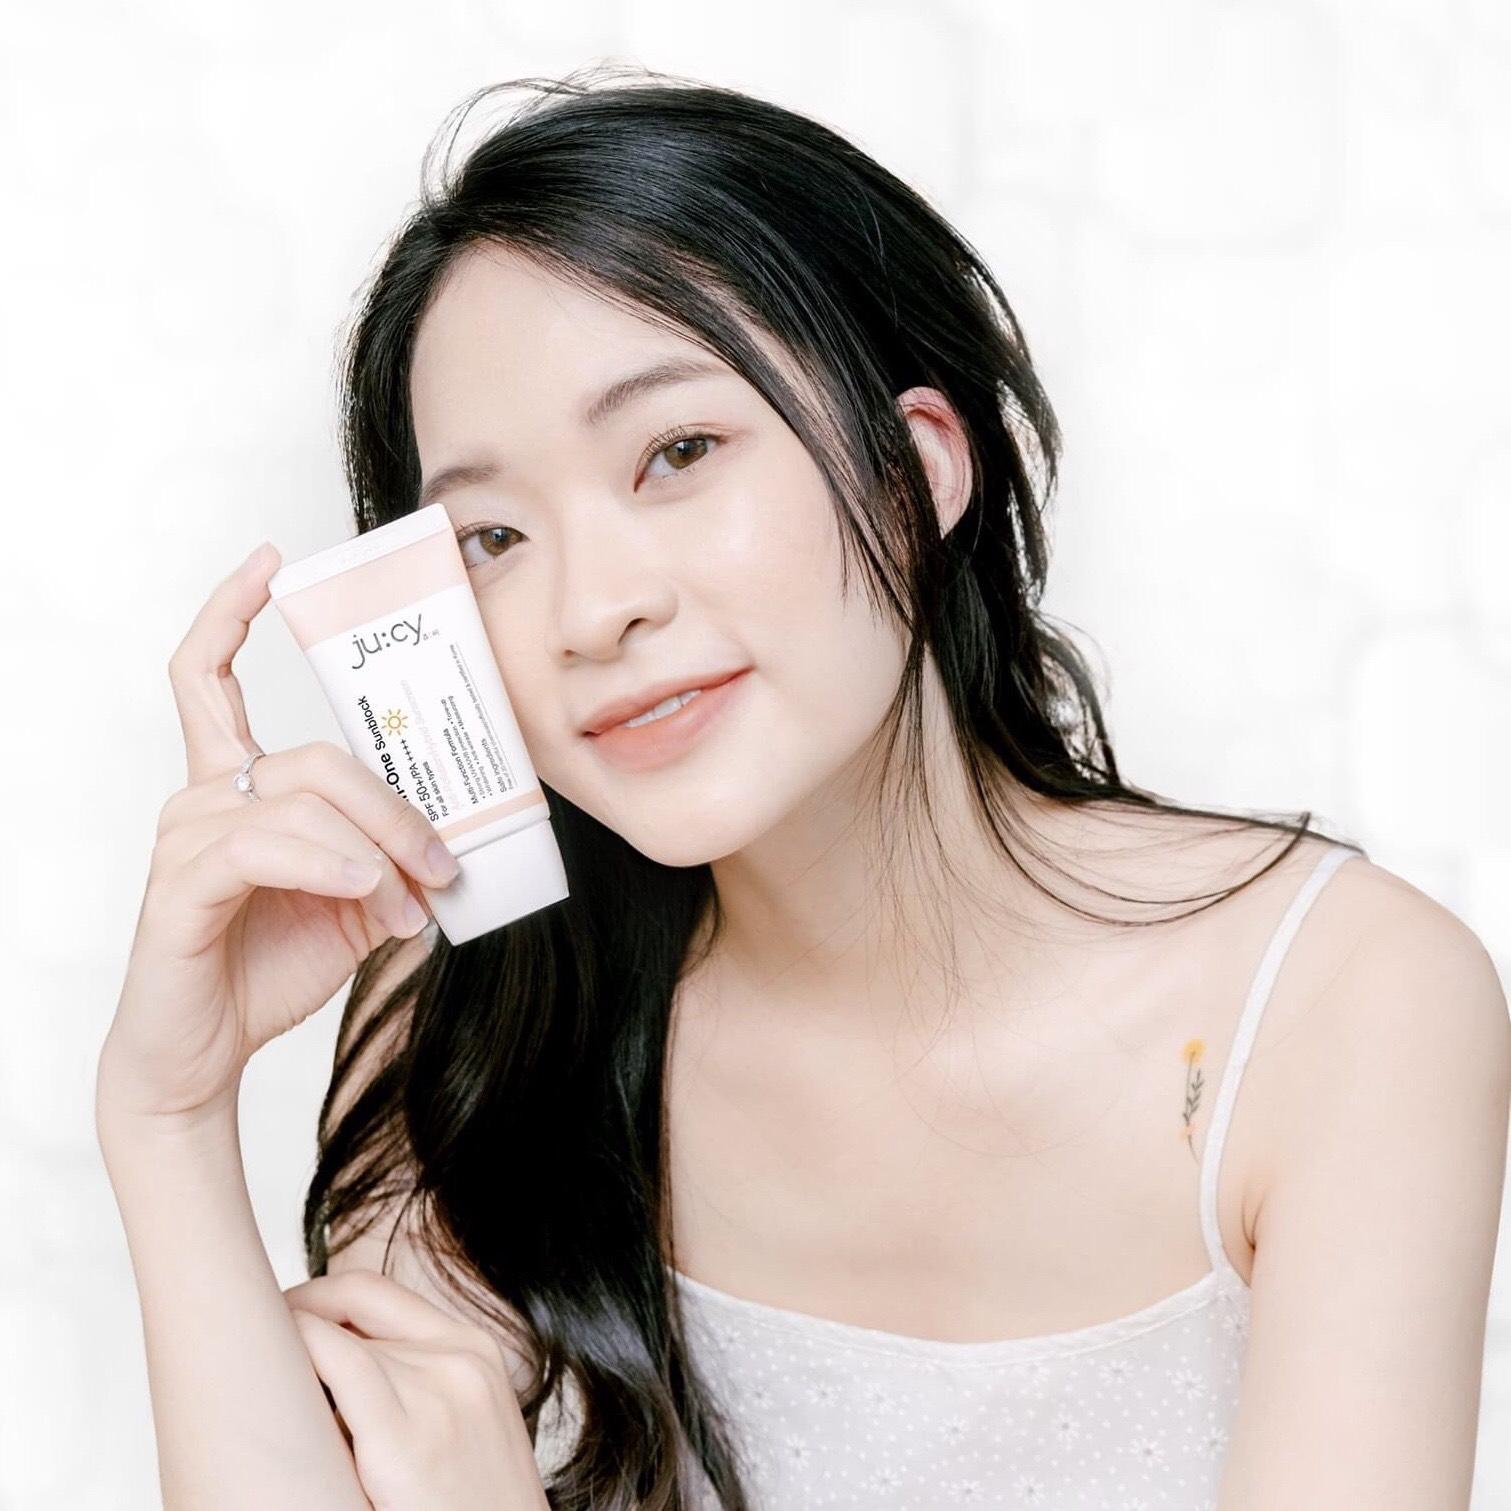 (HÀNG CHÍNH HÃNG) Kem chống nắng trắng da Hàn Quốc Jucy All In One giúp ngừa nám, căng bóng, trắng hồng, se khít lỗ chân lông, thích hợp với mọi loại da